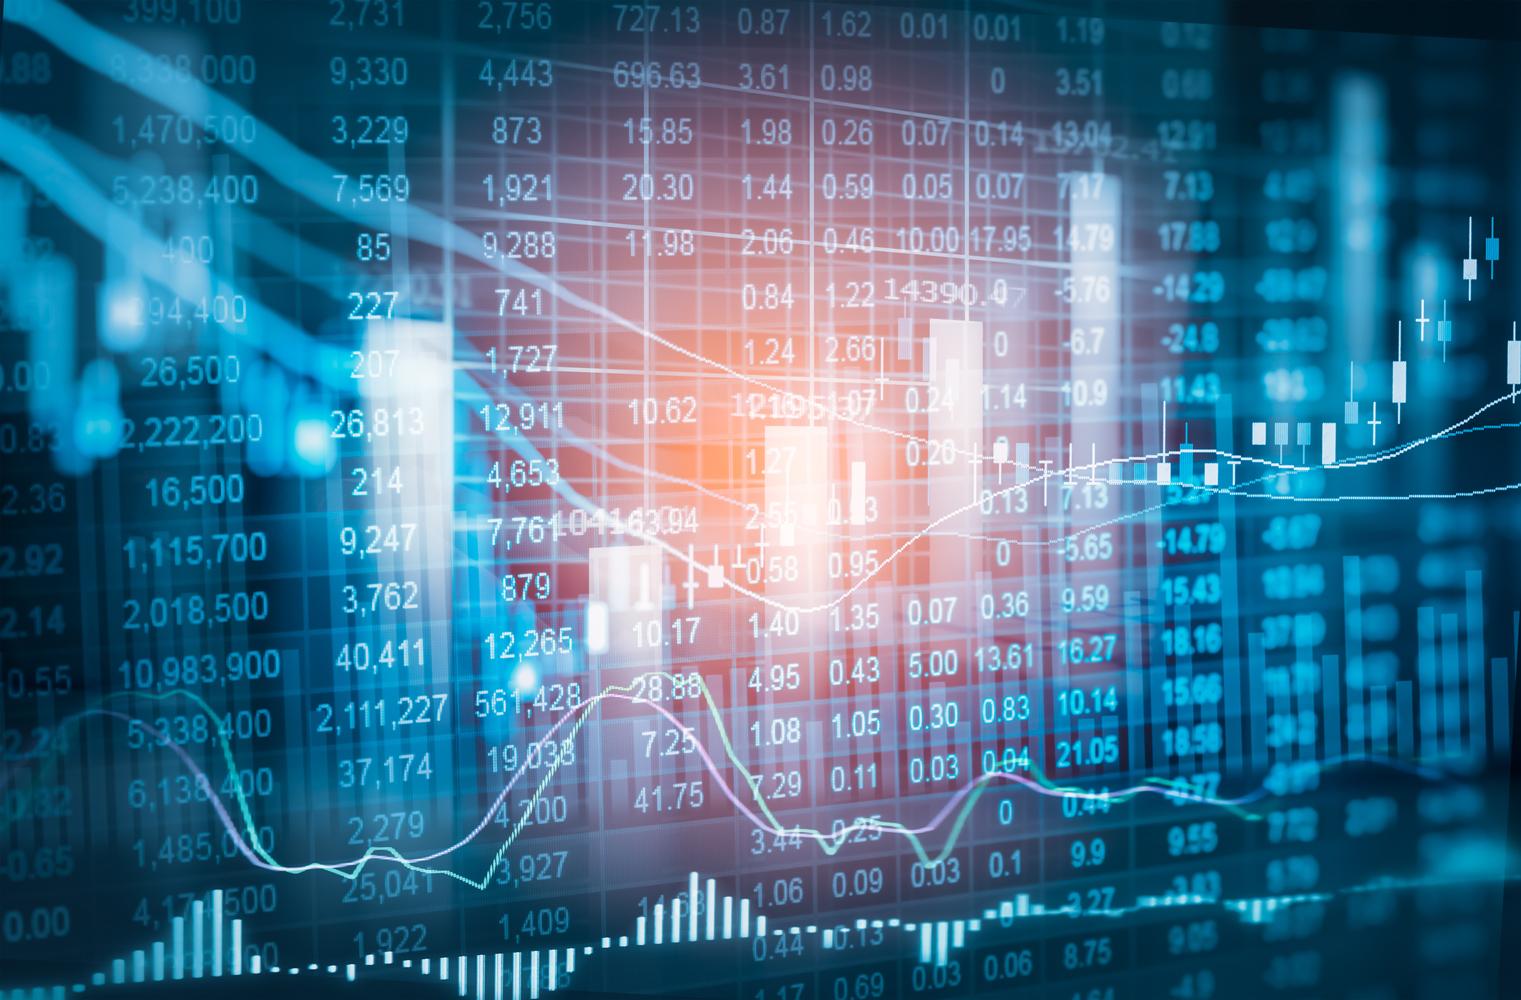 bani ușor pe pariuri cele mai exacte predicții pentru o opțiune binară